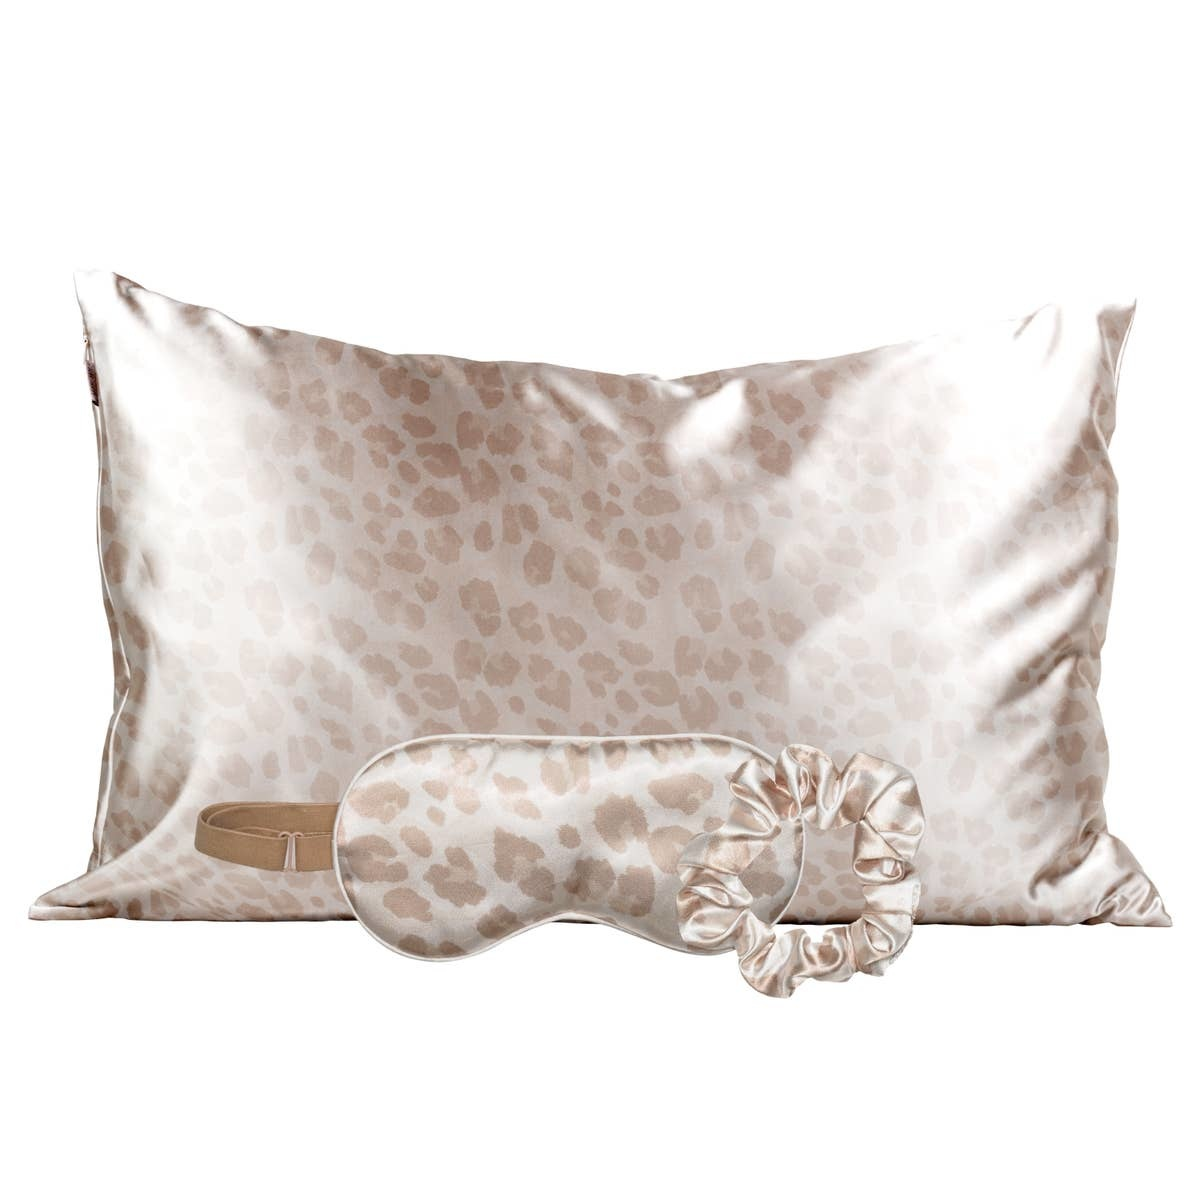 Leopard Satin Sleep Set